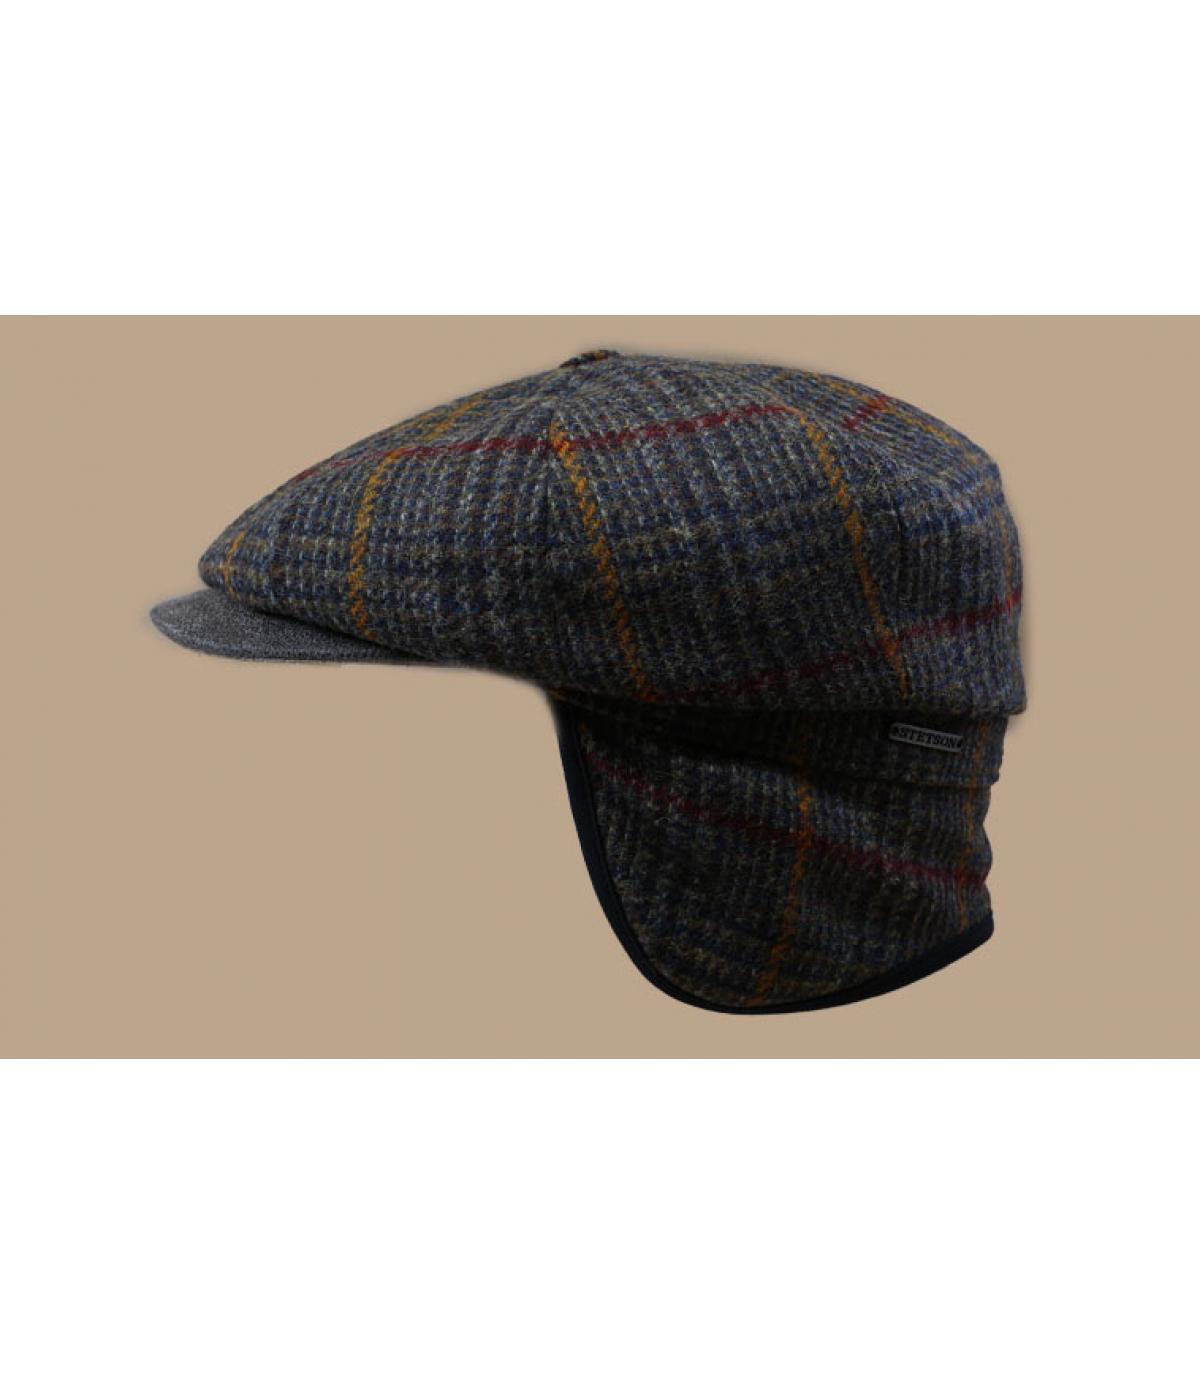 Details Hatteras EF Wool olive brown check - afbeeling 3